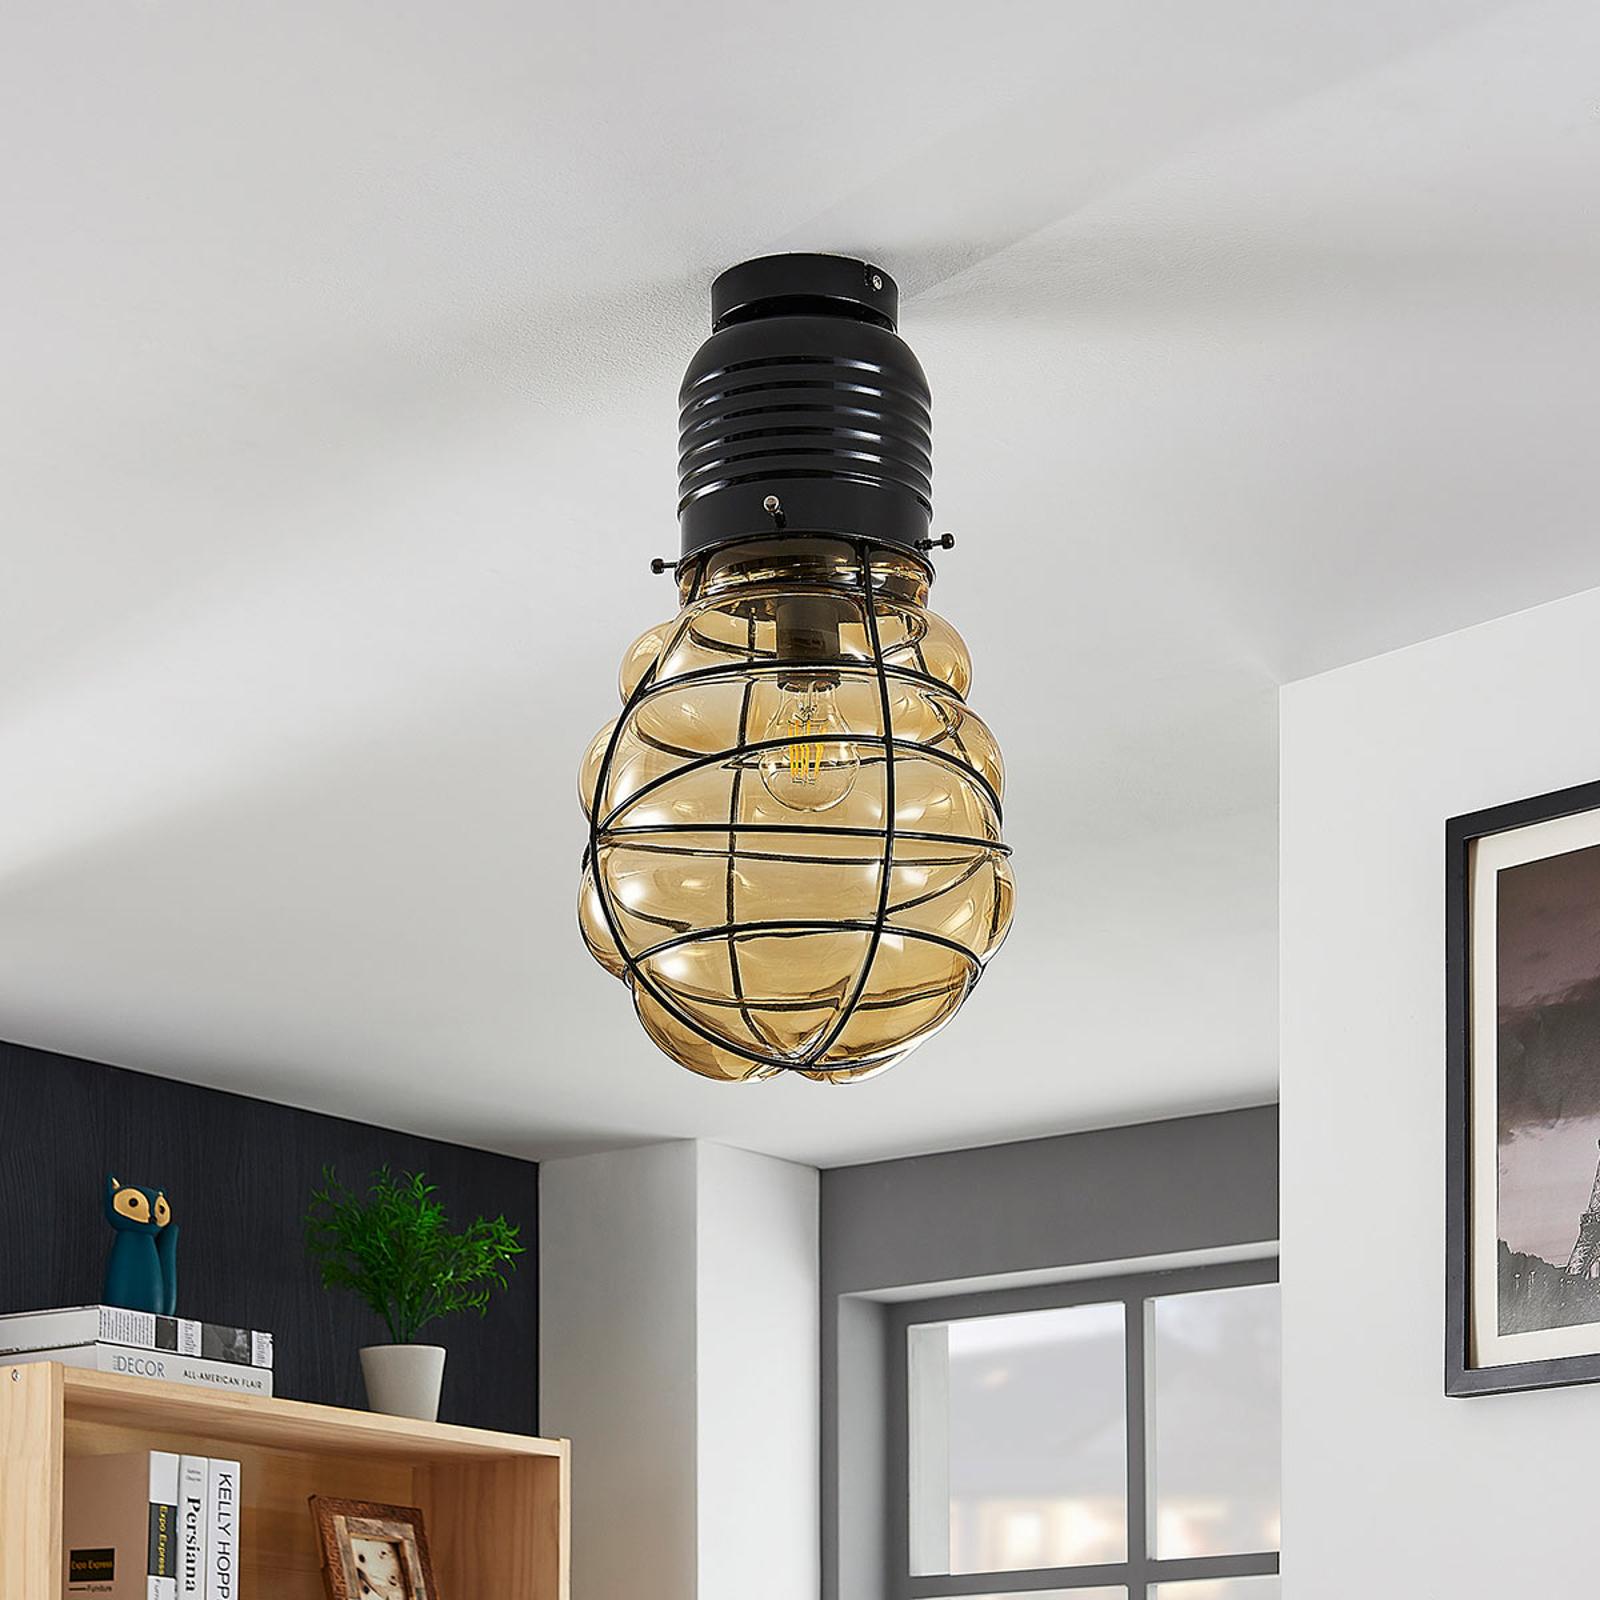 Lampa sufitowa Maluka z bursztynowego szkła